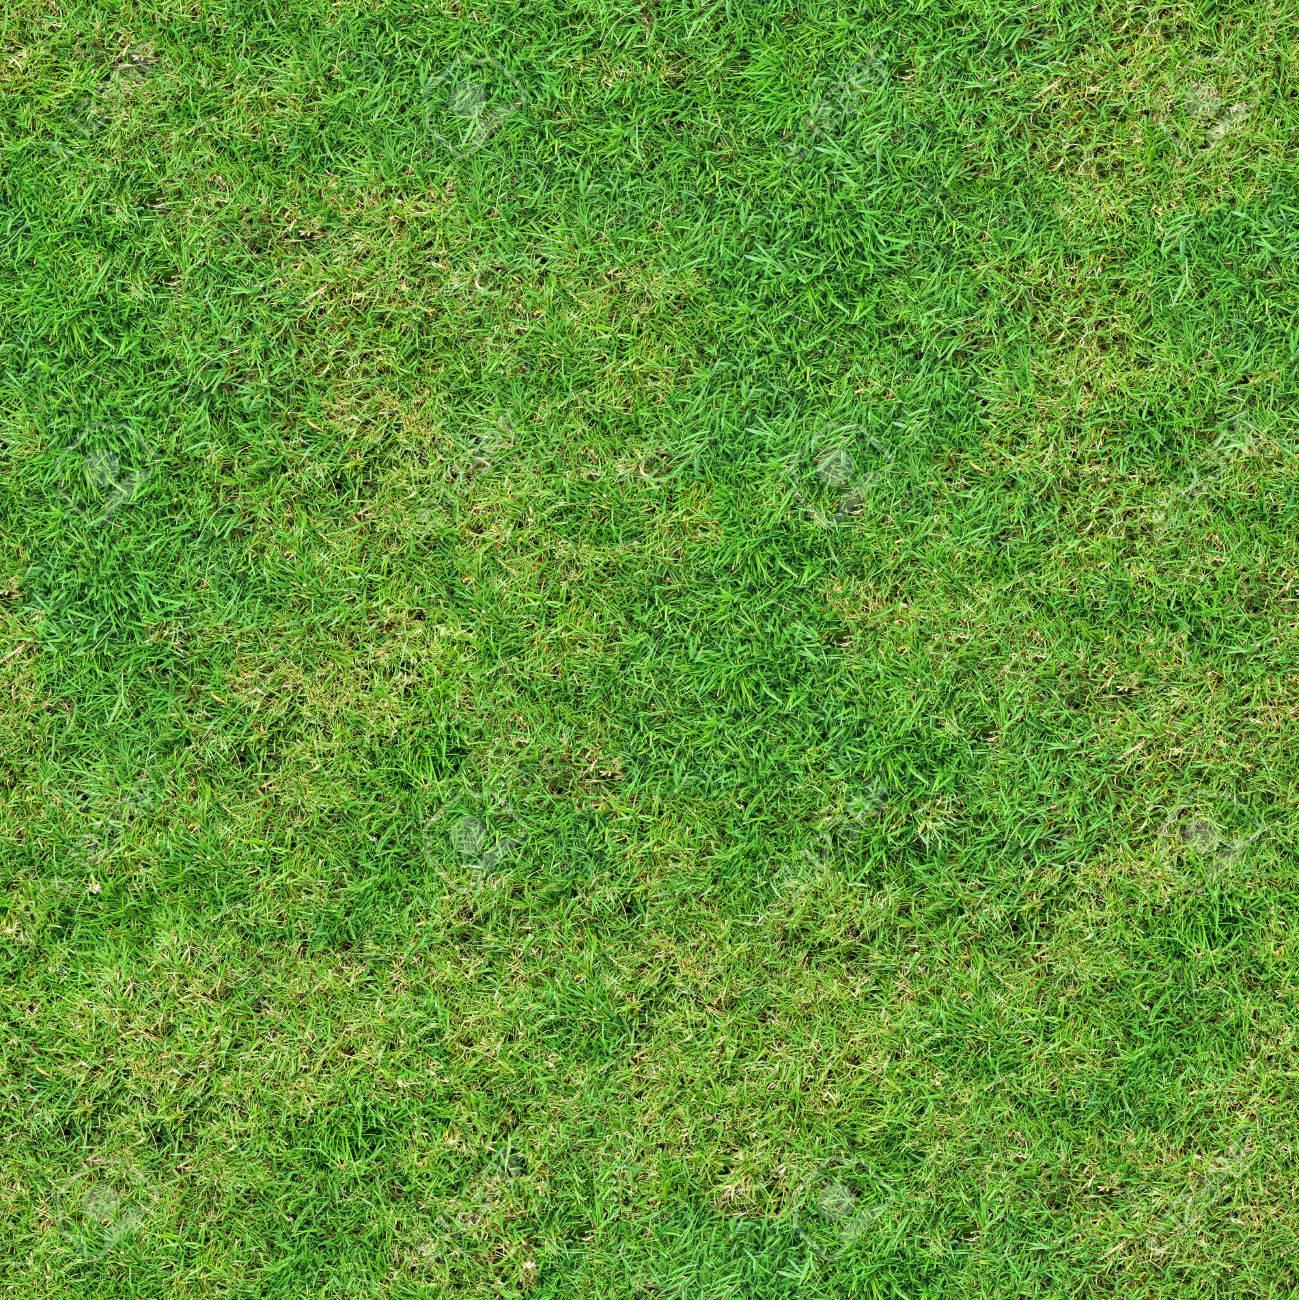 新鮮な緑の草原草地。シームレス...